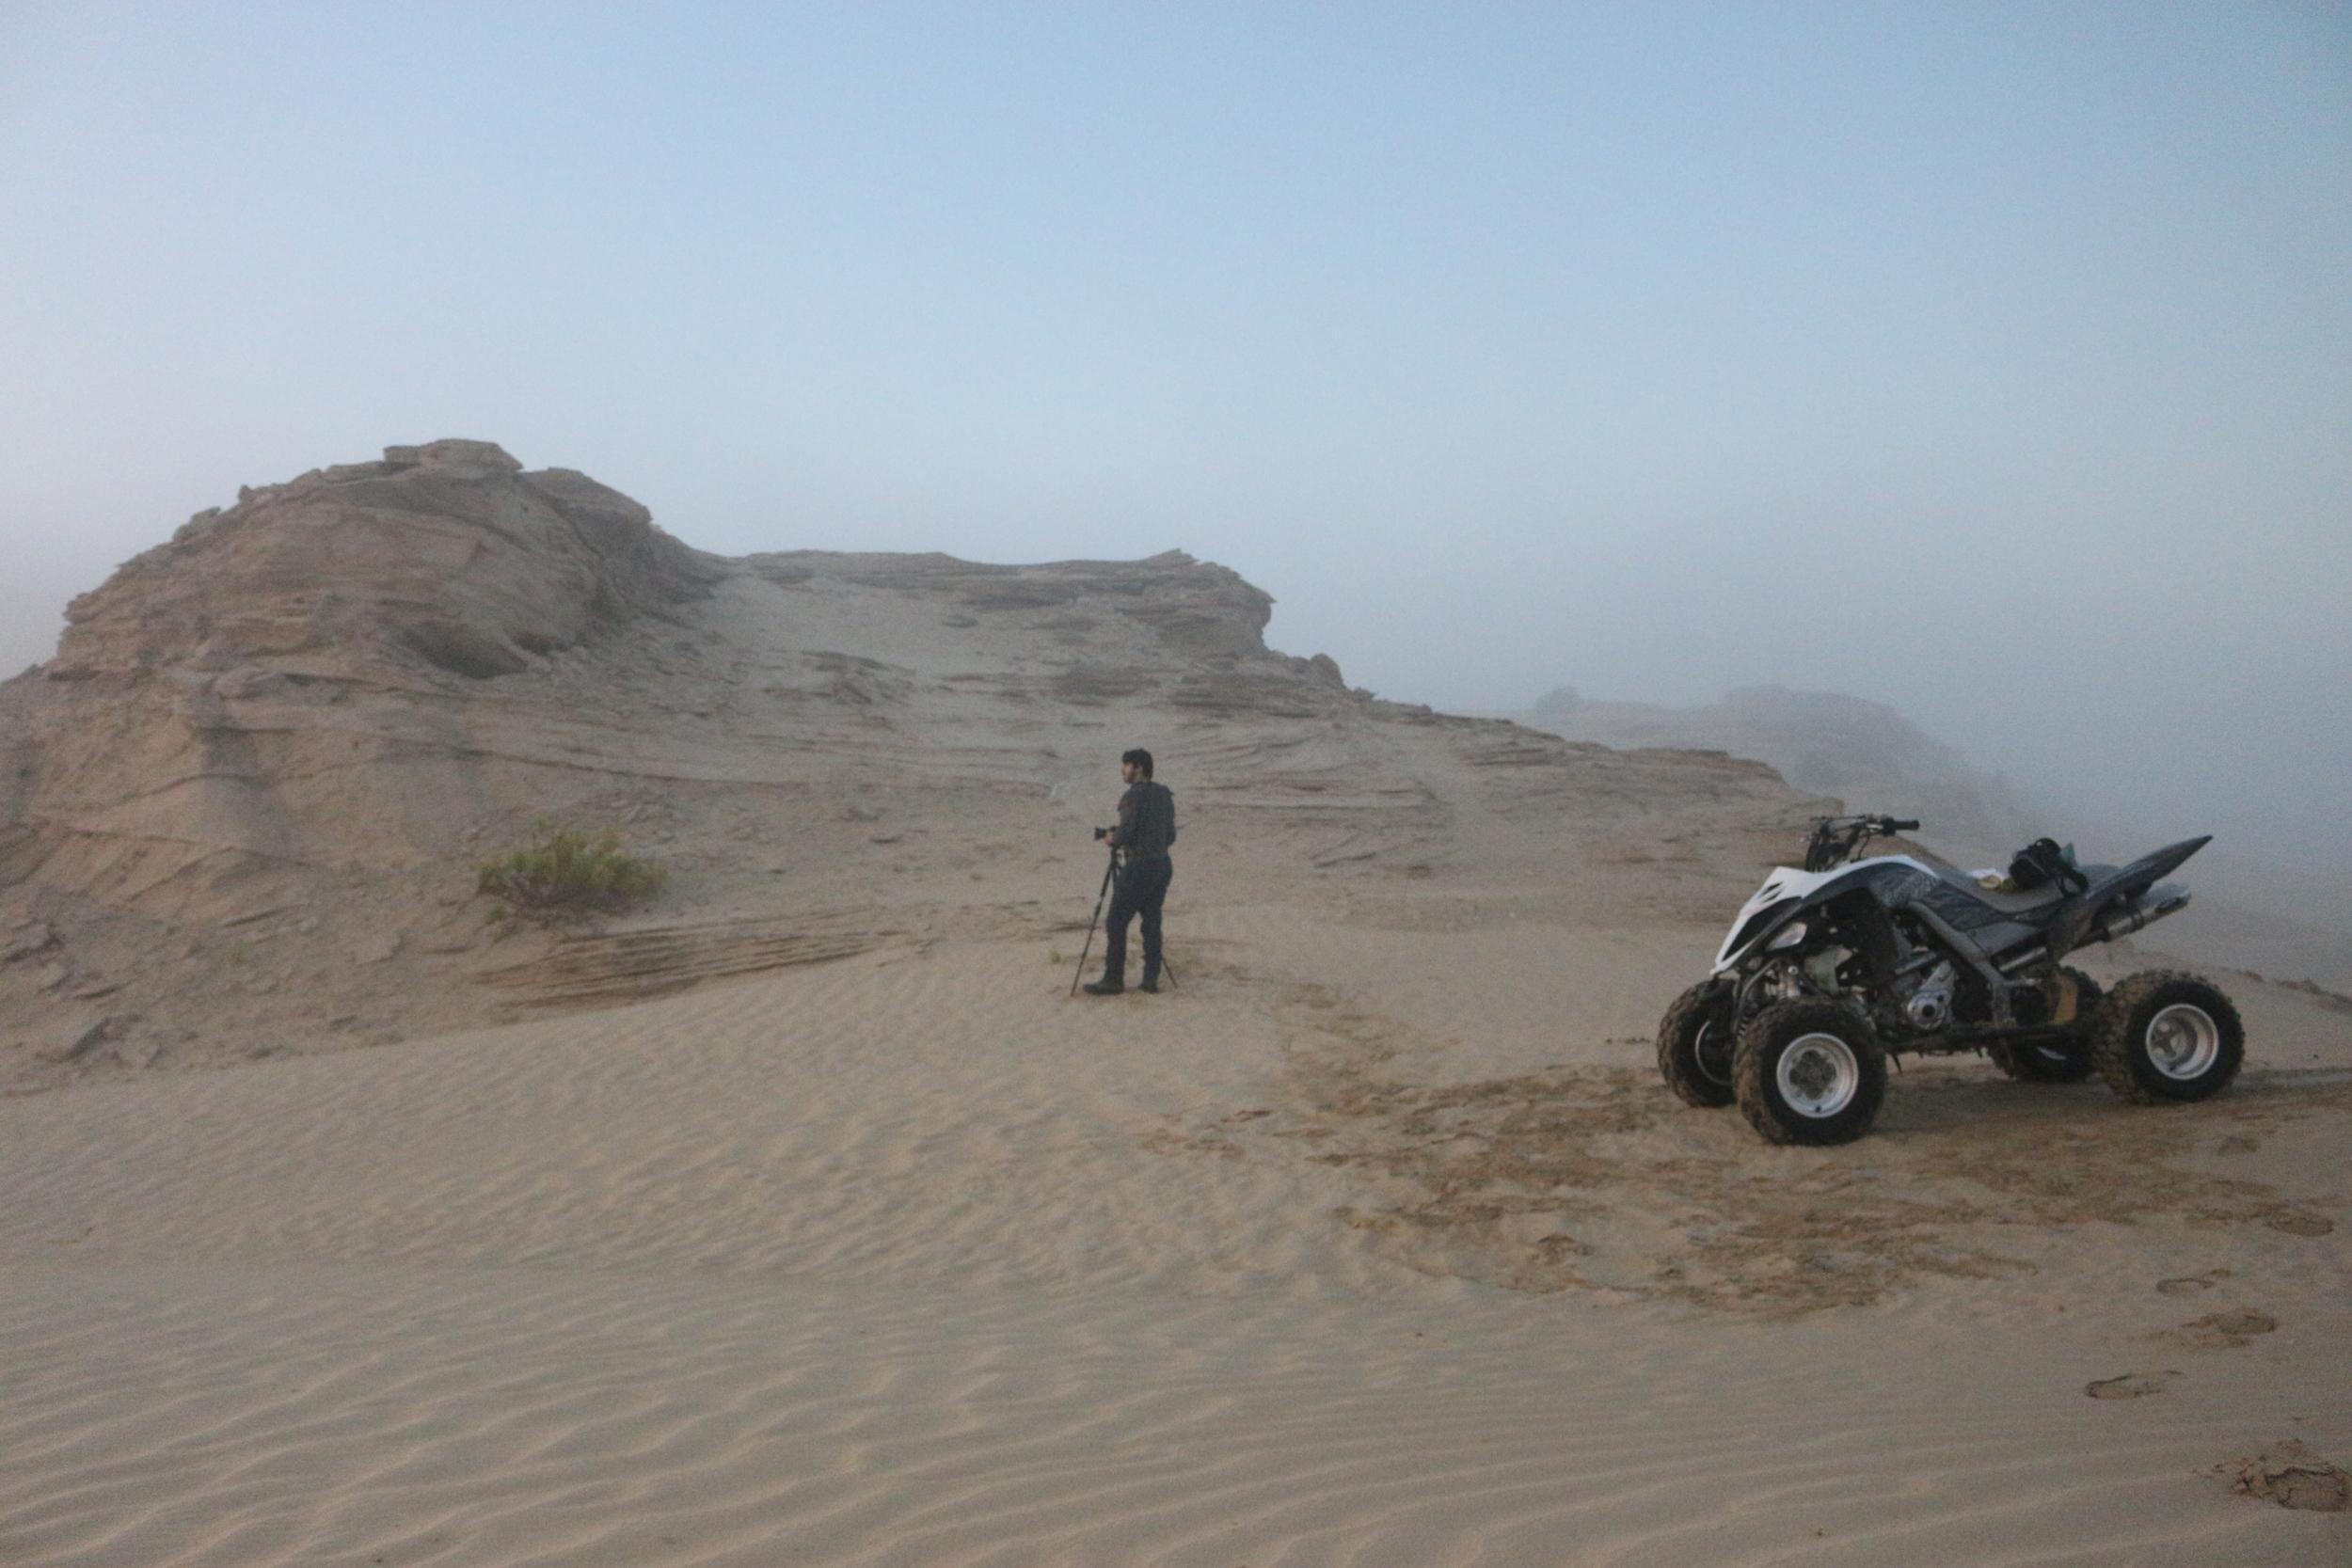 in Abu Dhabi desert